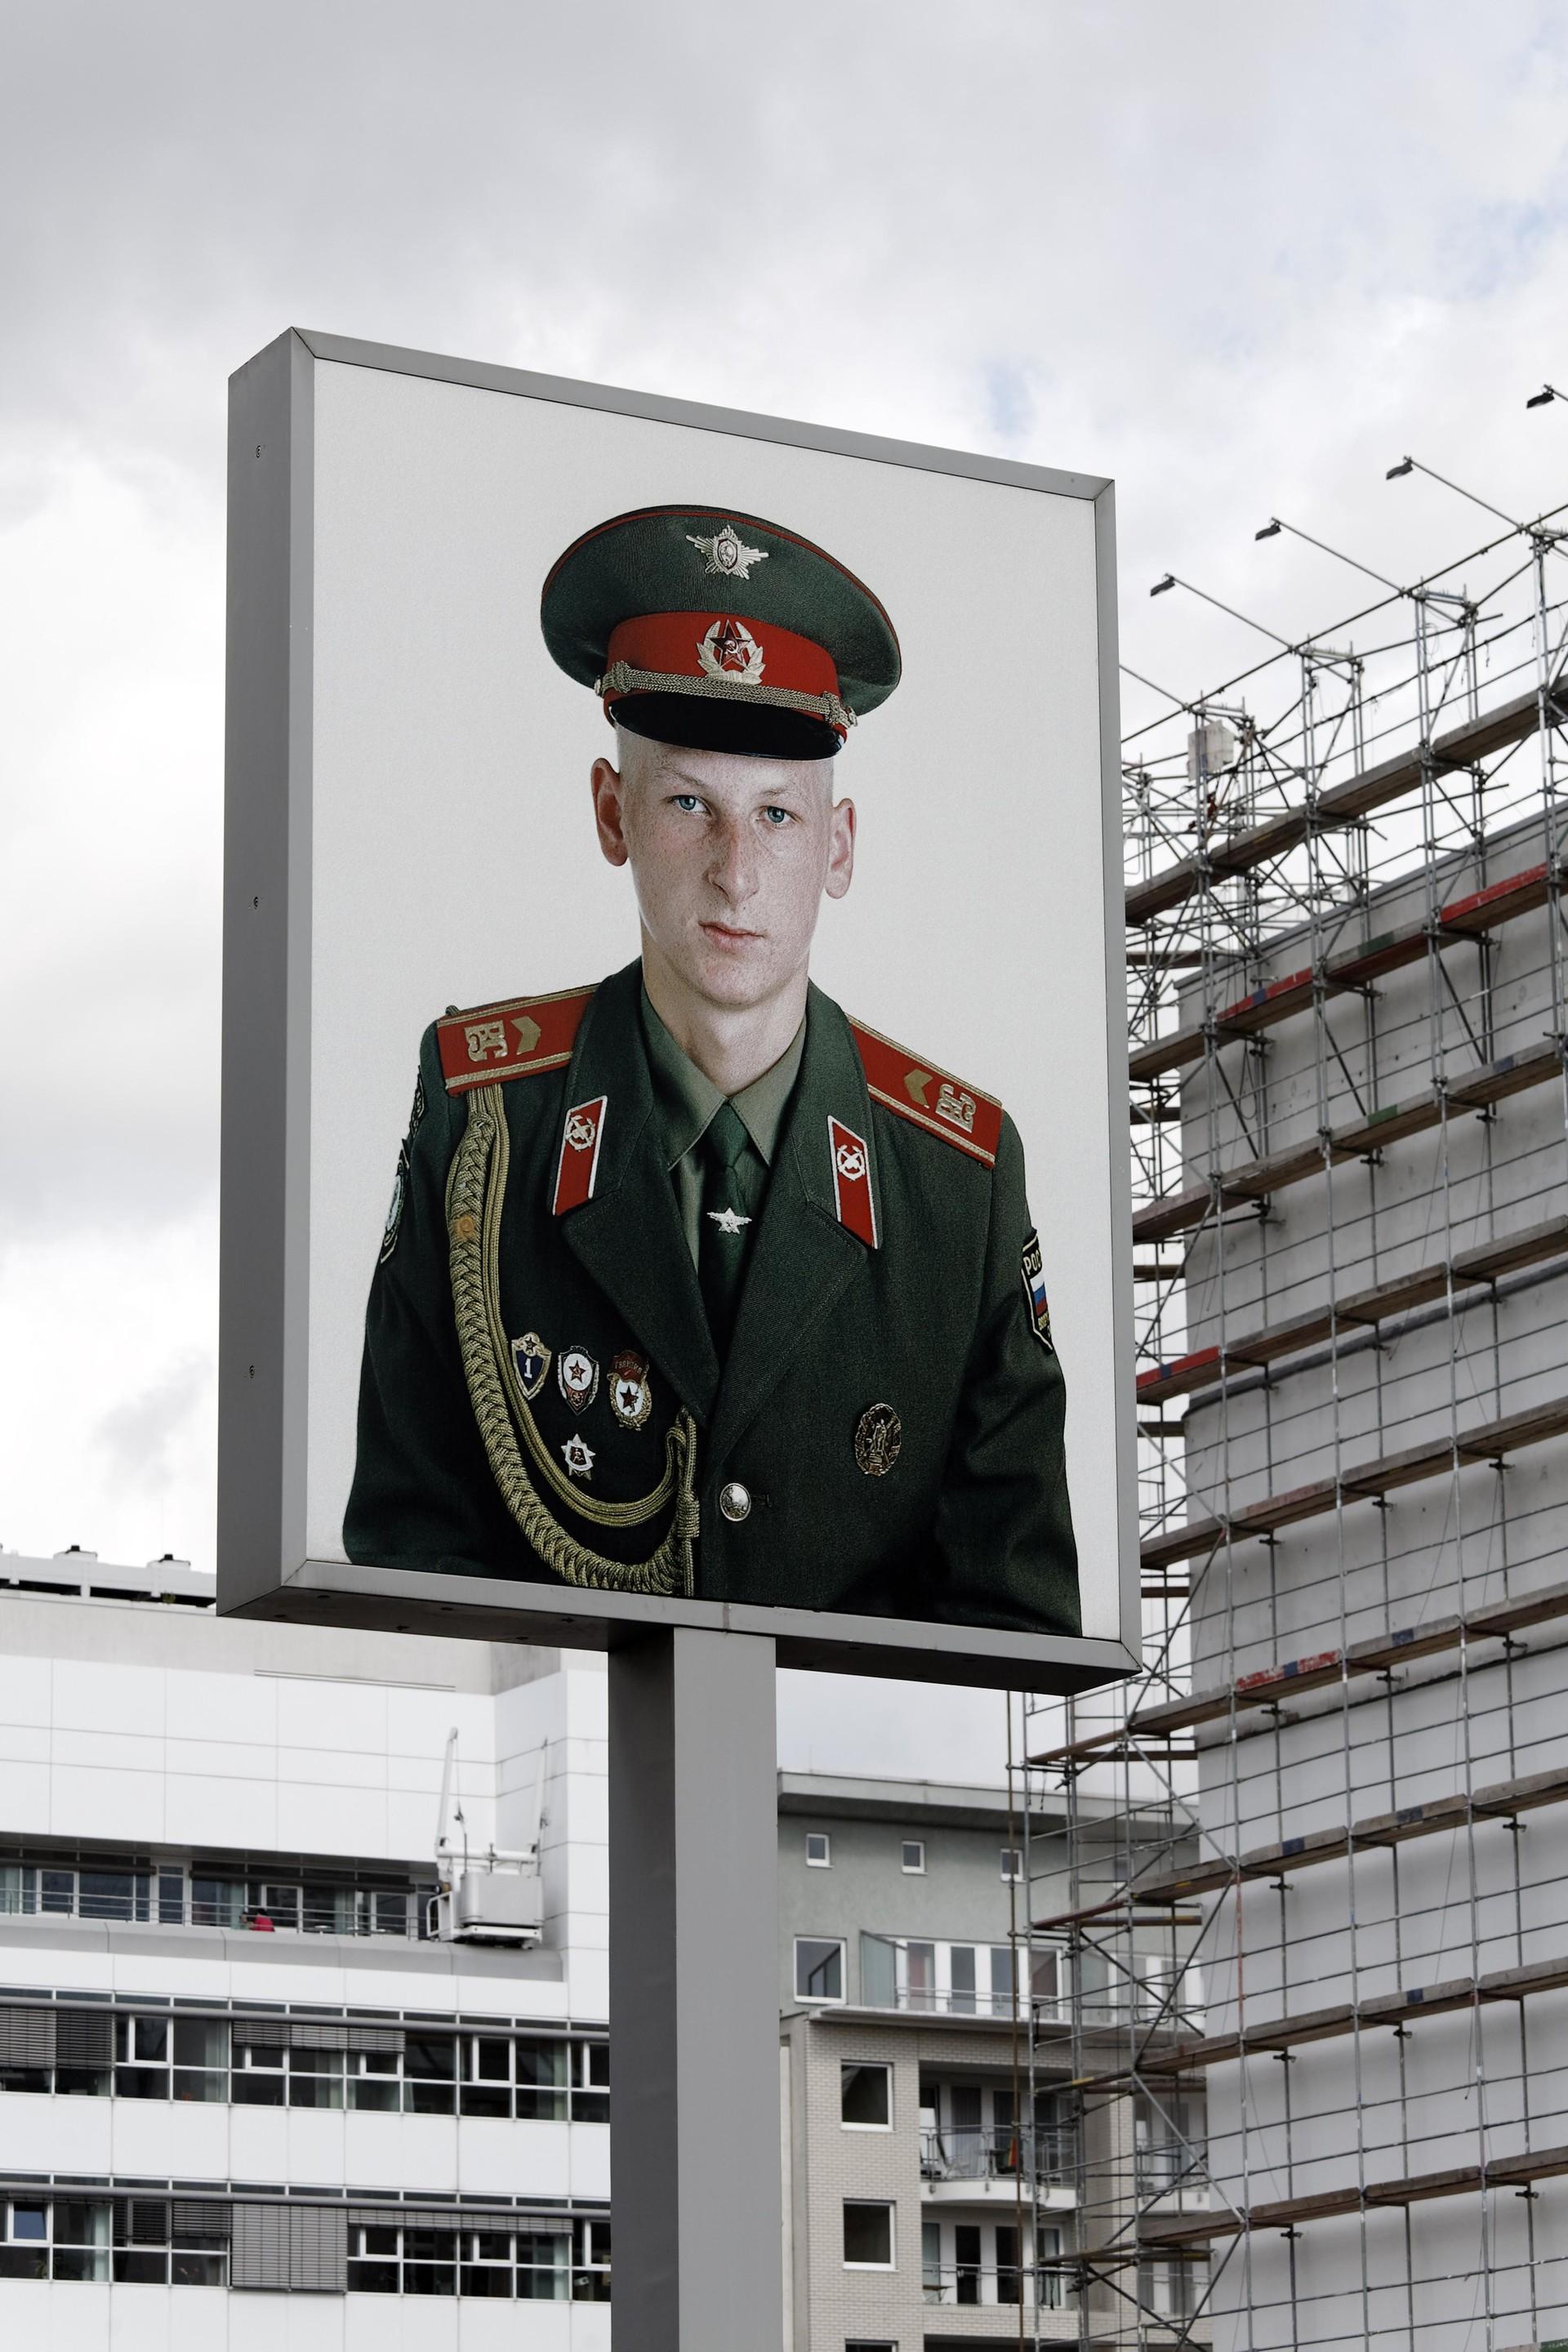 Podoba sovjetskega vojaka pri Checkpoint Charlie, nekdanji kontrolni točki med Zahodnim in Vzhodnim Berlinom